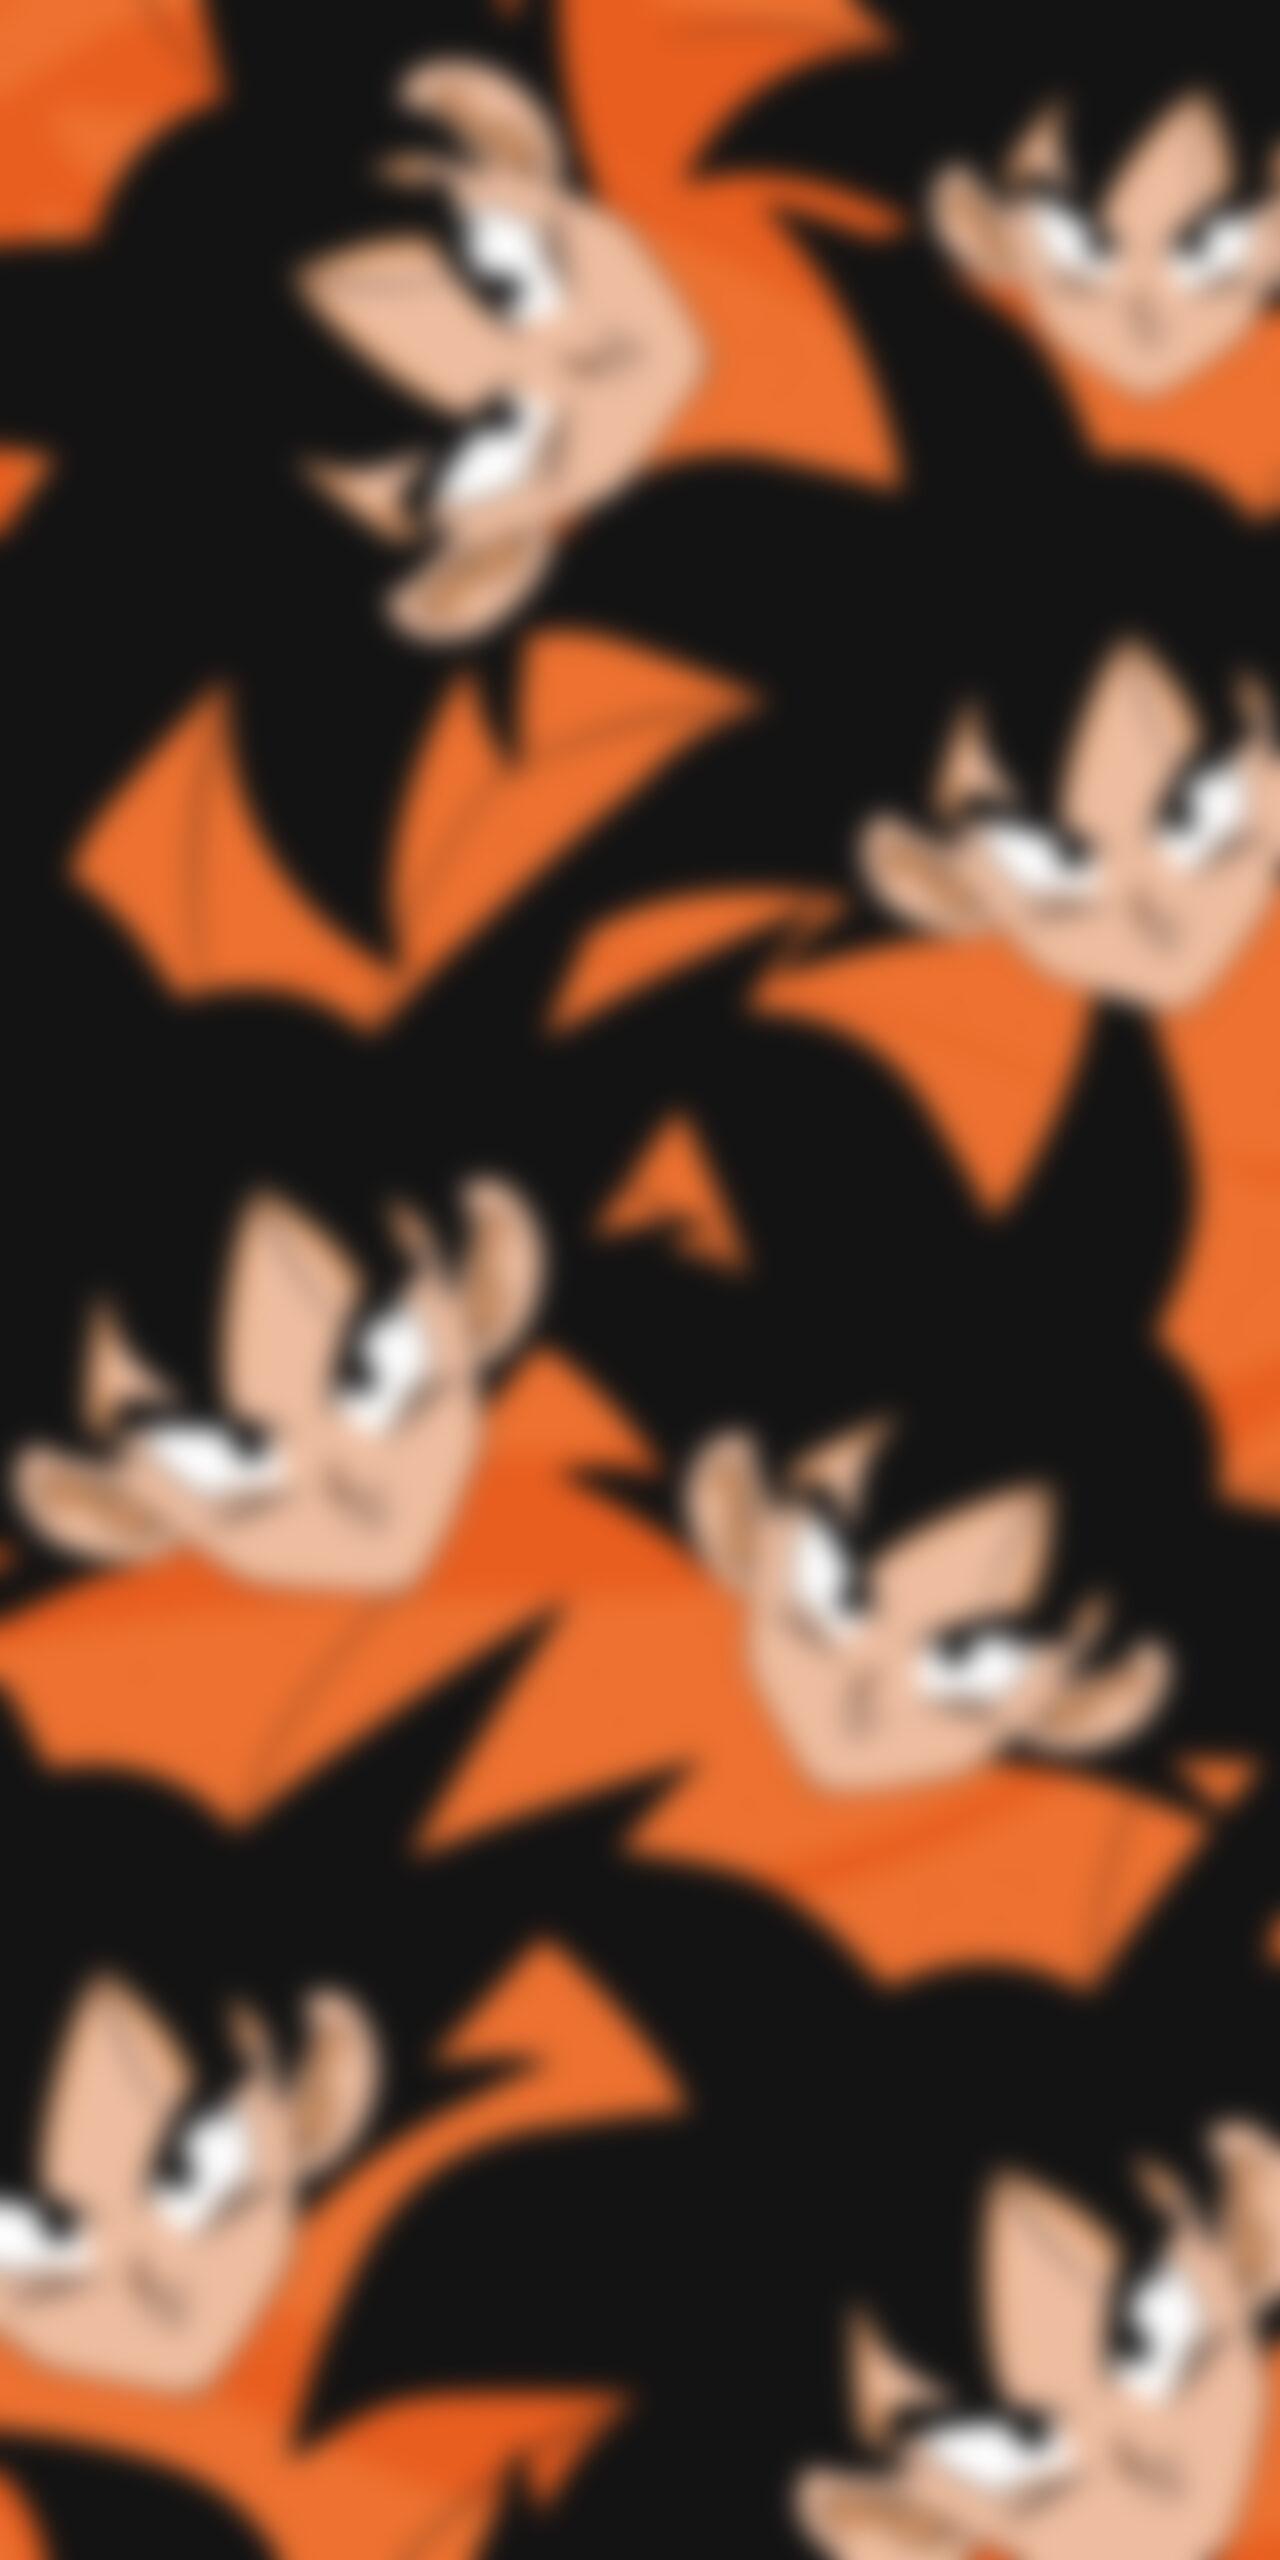 dragon ball z goku orange blur wallpaper